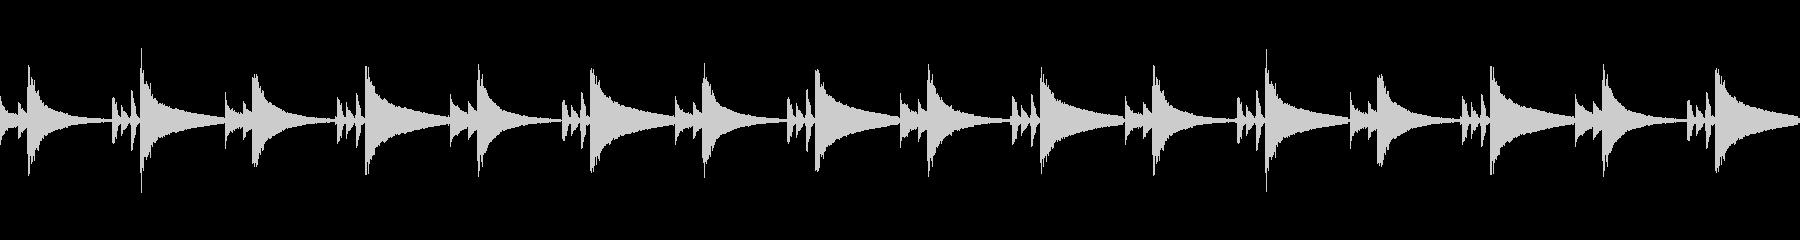 Blues Guitarのループ音源ですの未再生の波形